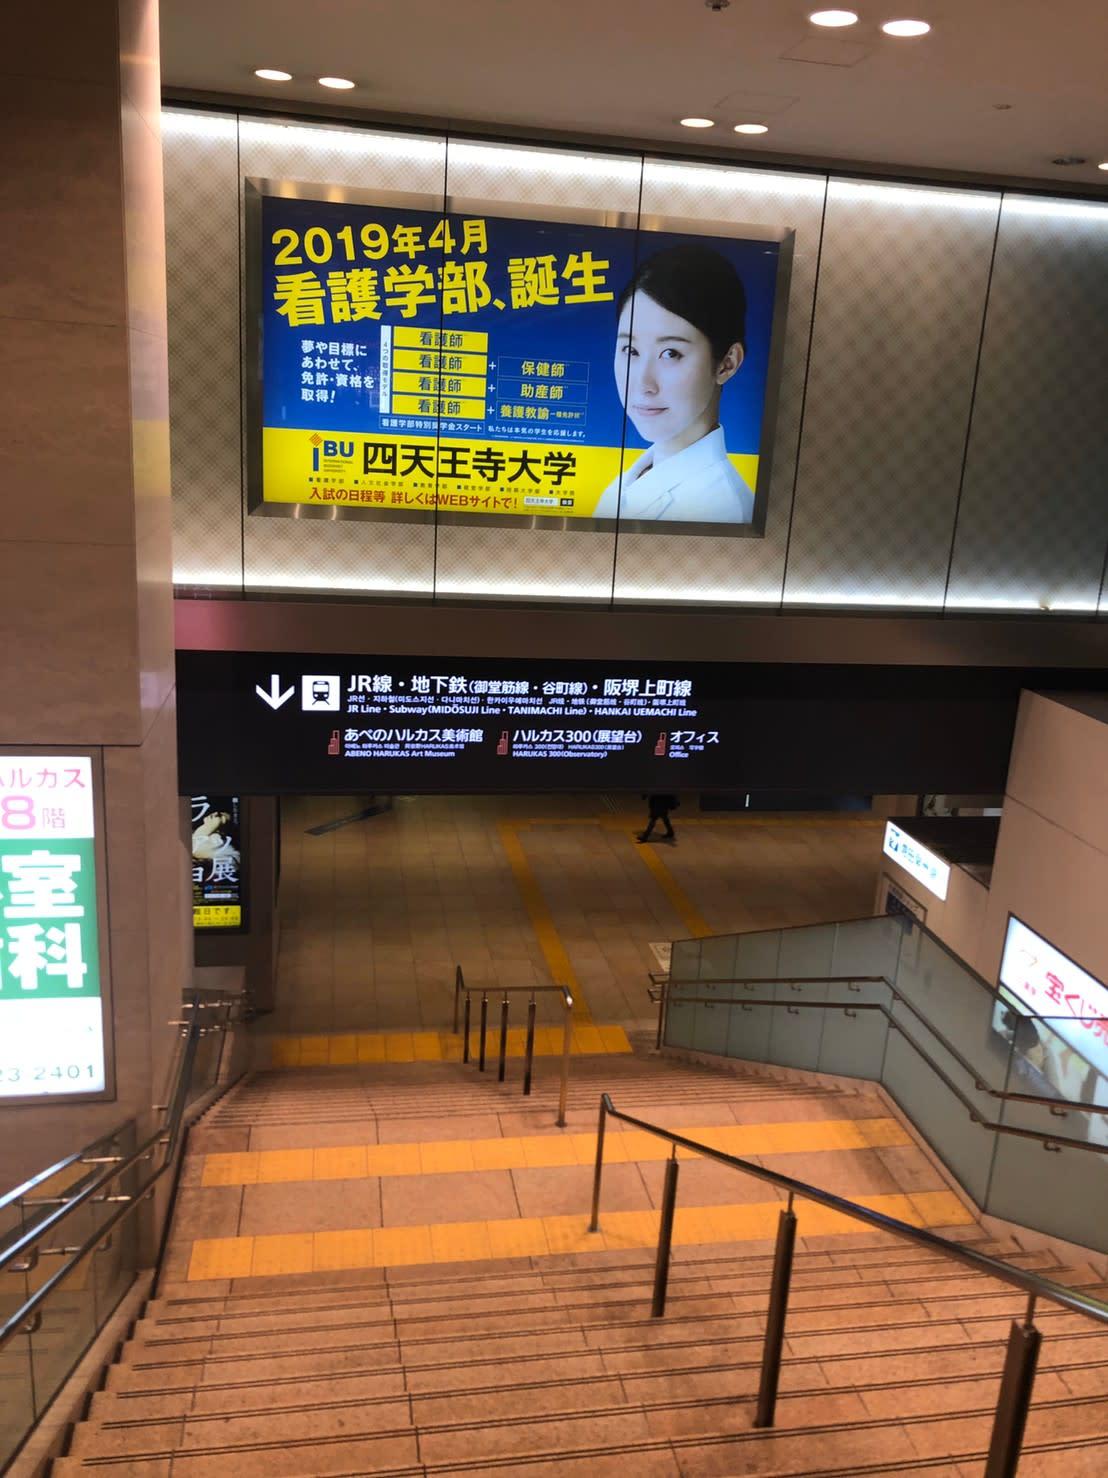 カラヴァッジョ展行き方 (9)